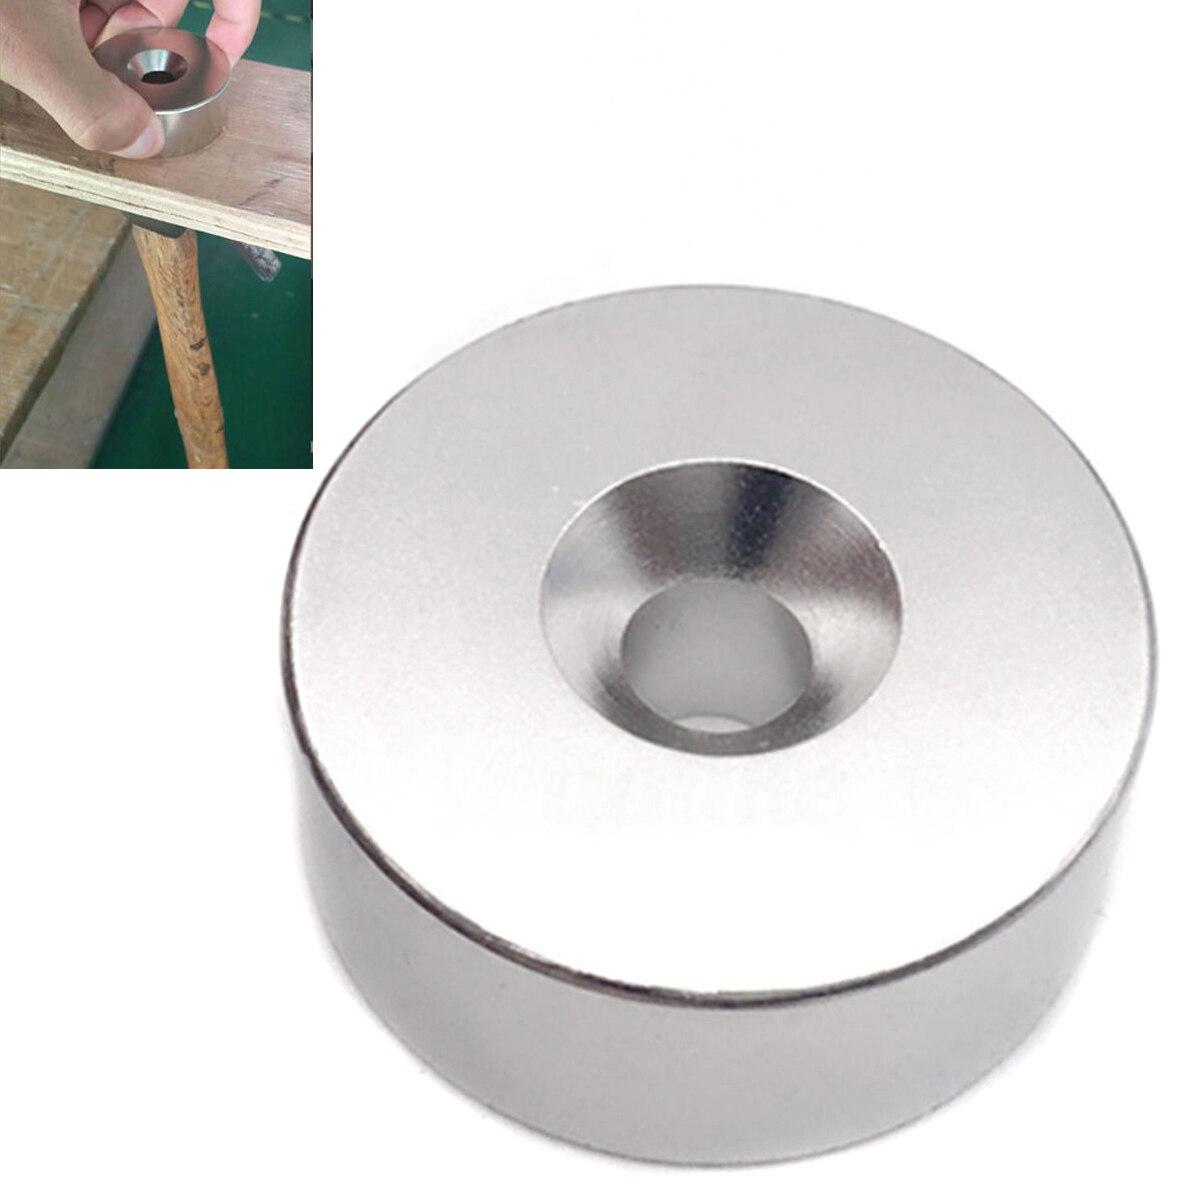 1 unid n52 disco redondo imanes neodimio de la tierra rara del agujero rescate para Caza recuperación teclas 60 * 20mm mayitr